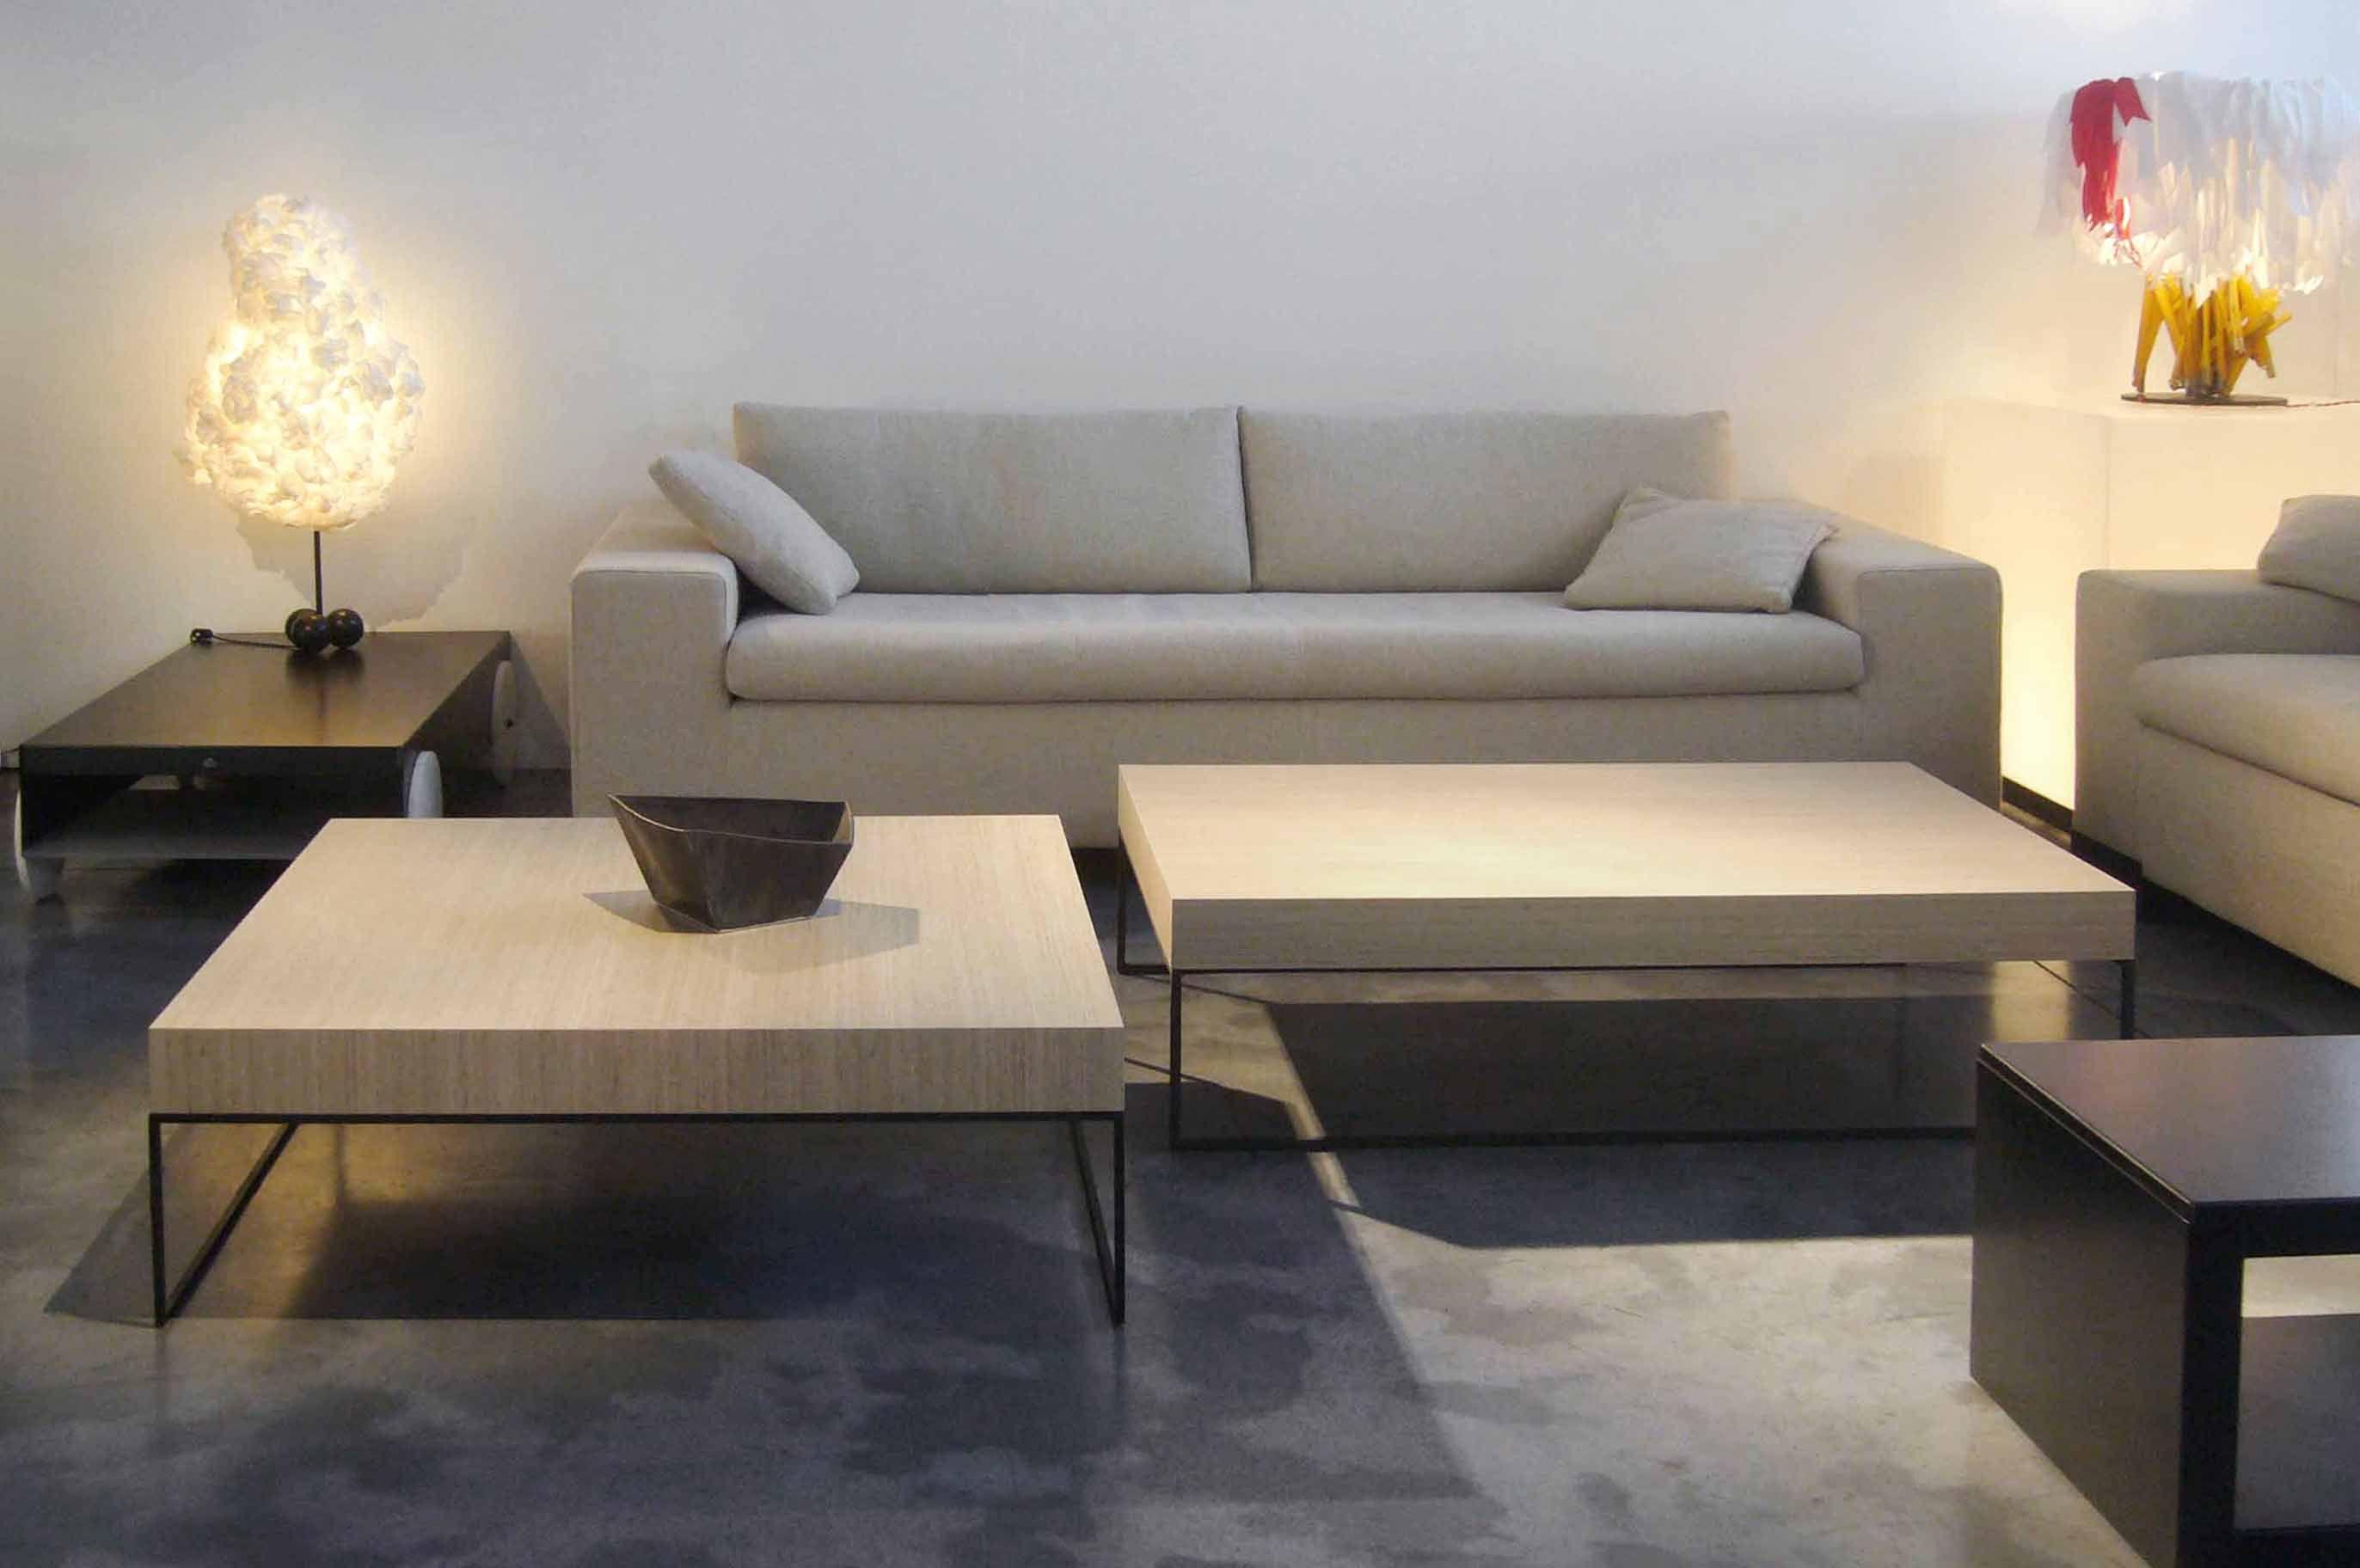 table basse home bois clair et acier noir 100 x 100 cm. Black Bedroom Furniture Sets. Home Design Ideas